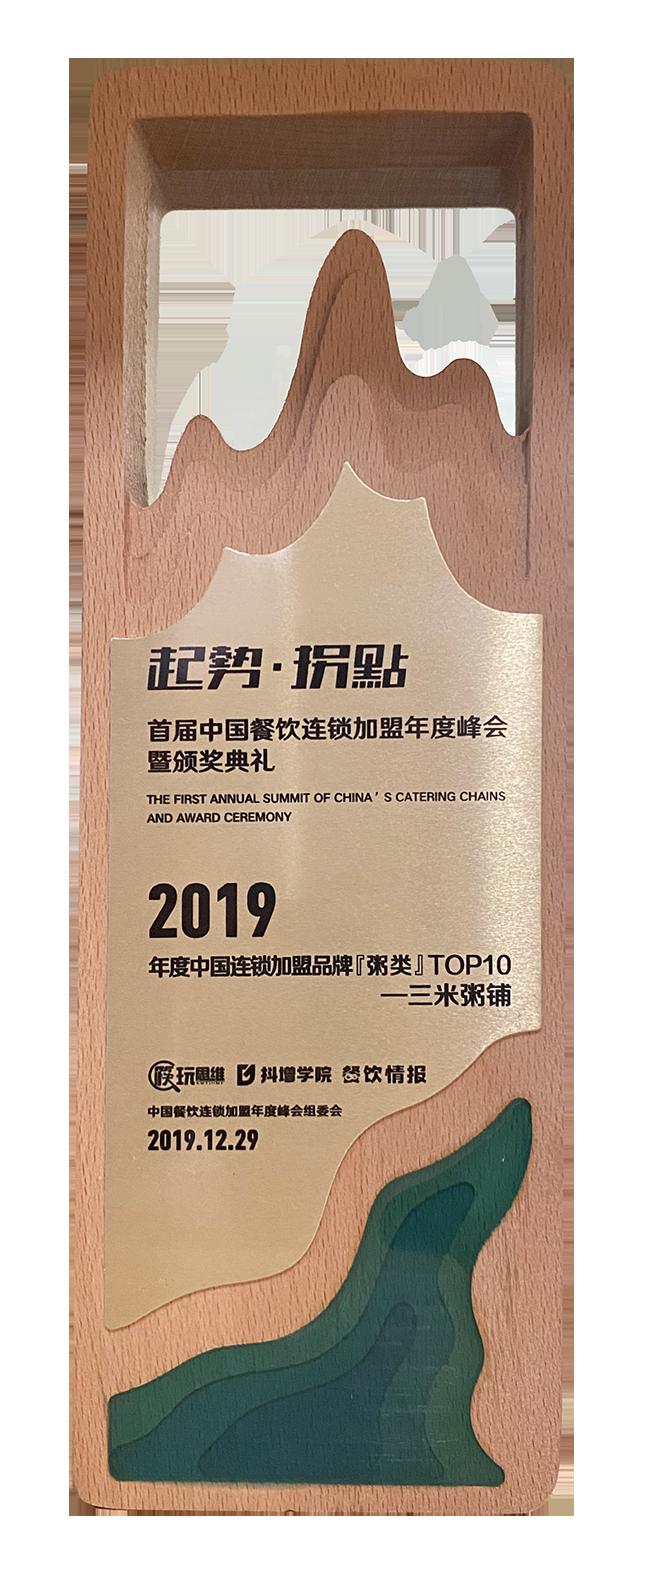 加盟品牌粥类TOP10(奖牌).png